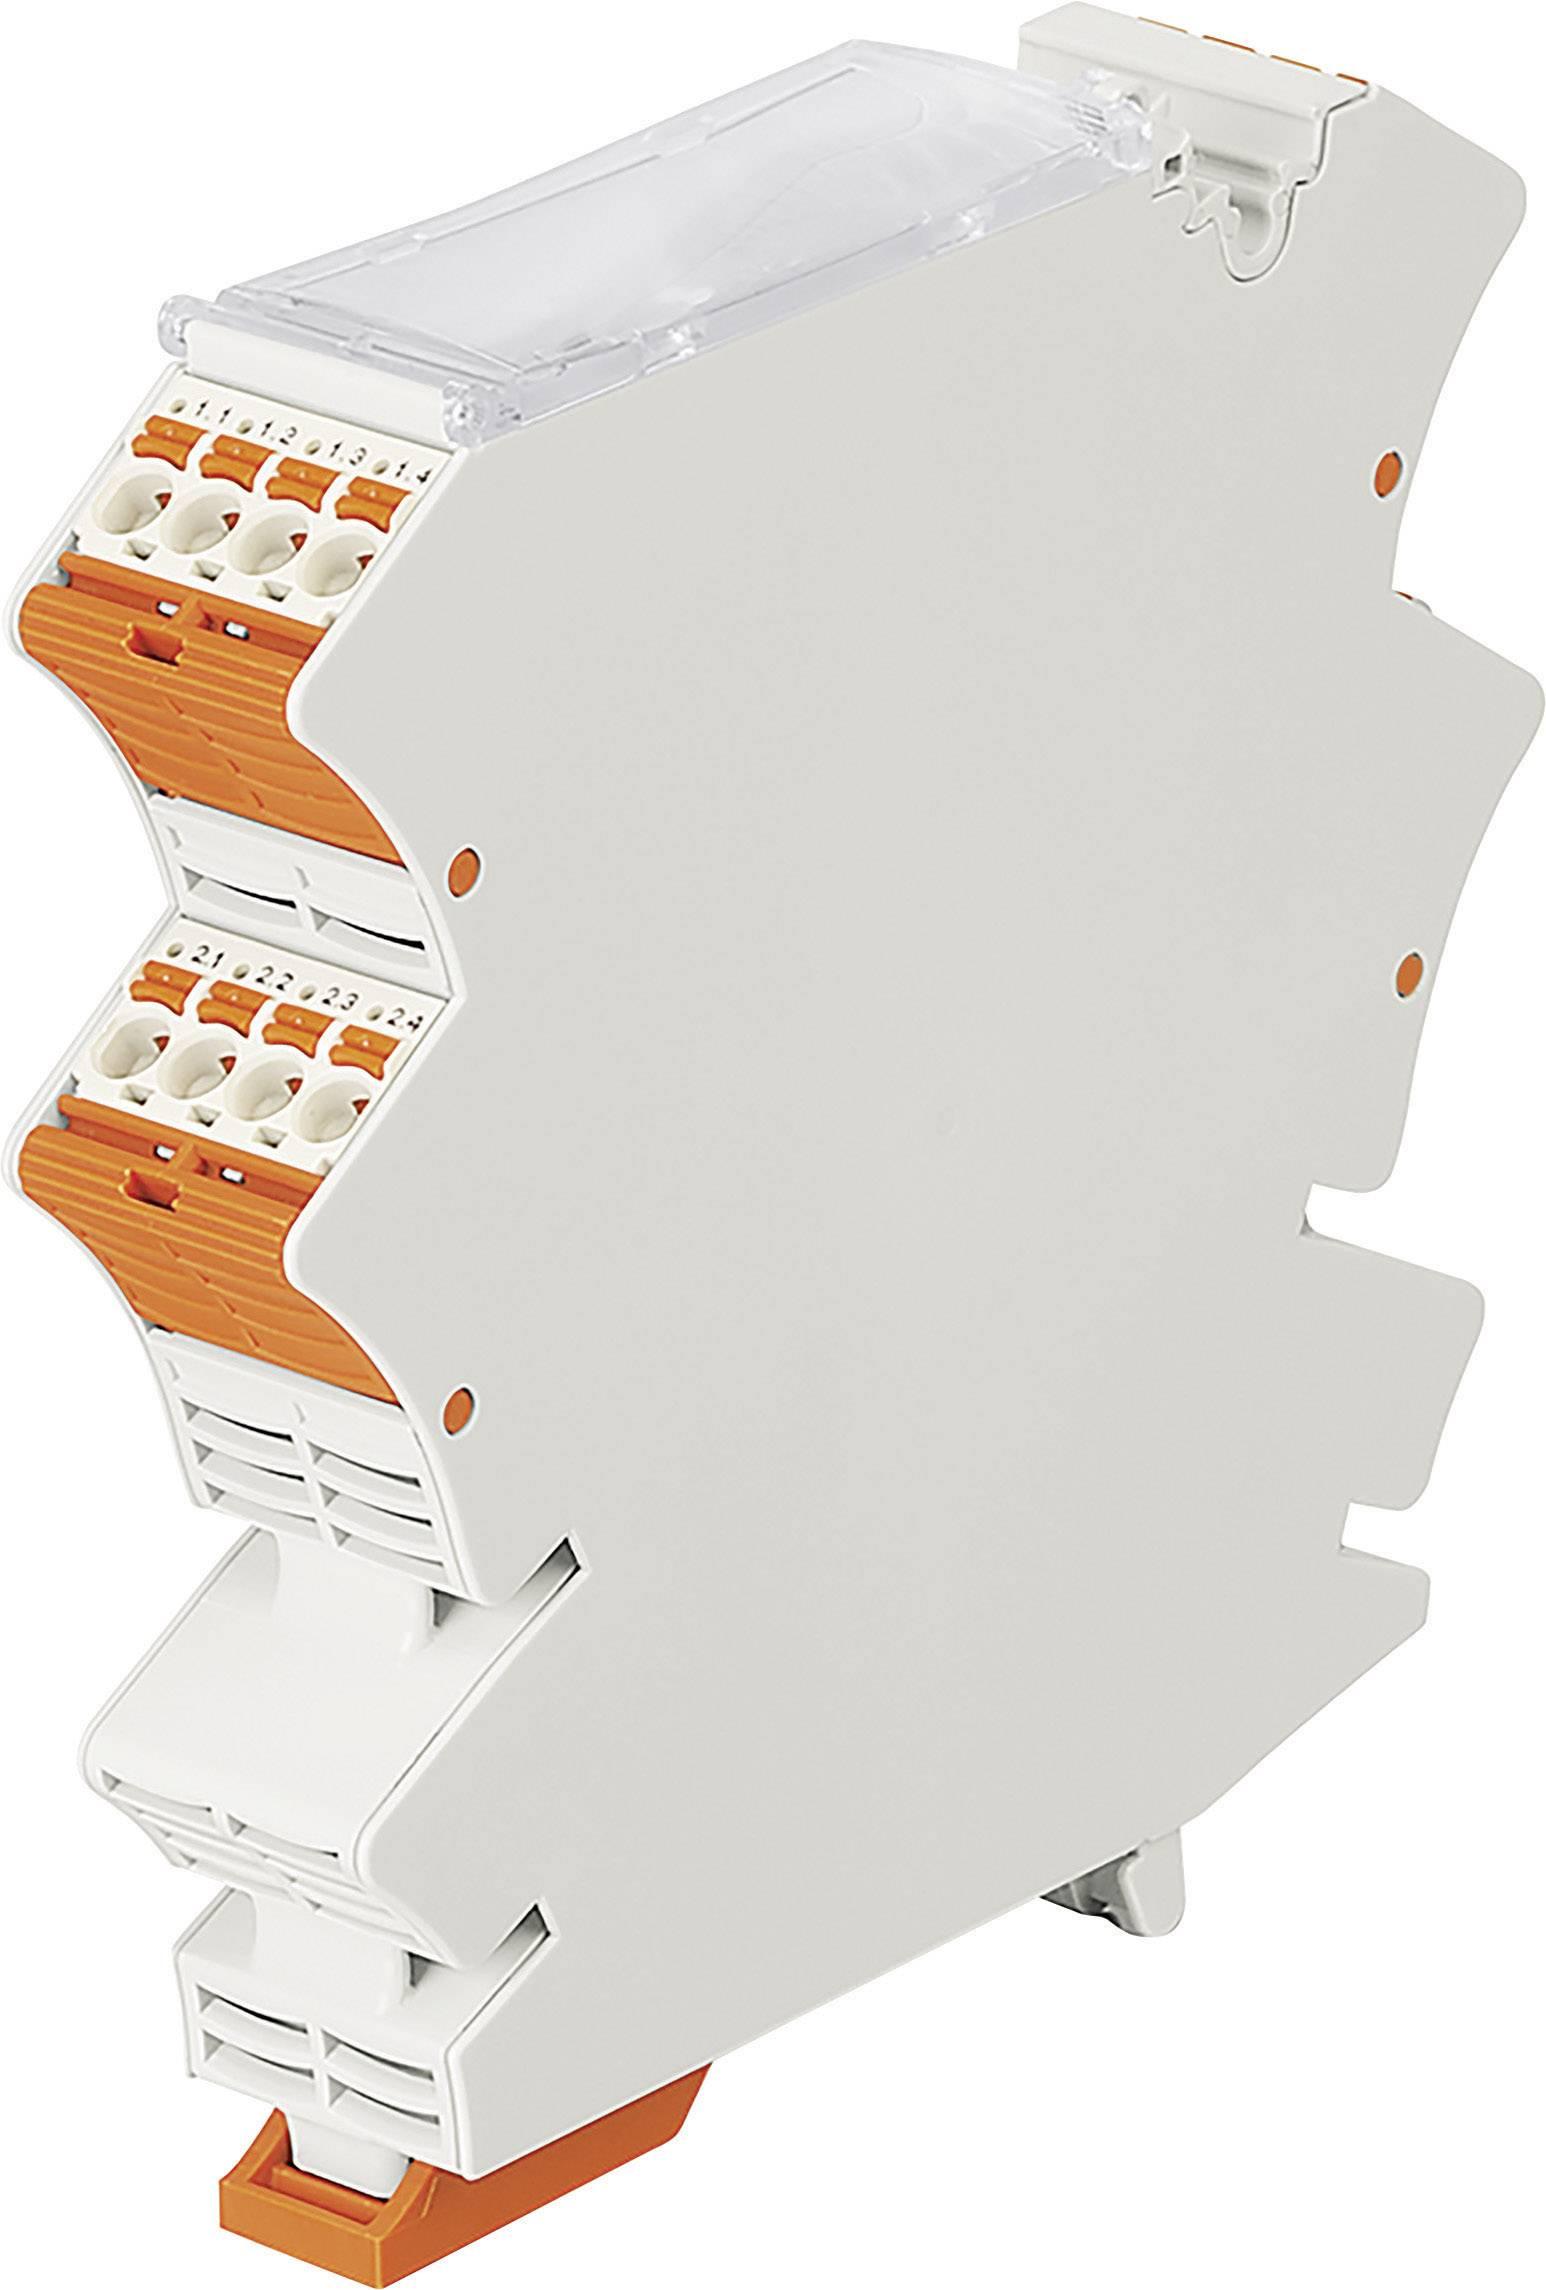 Modulární prázdné pouzdro s předmontovanou pružinovou svorkovnicí picoMAX® WAGO 2857-121 1 ks